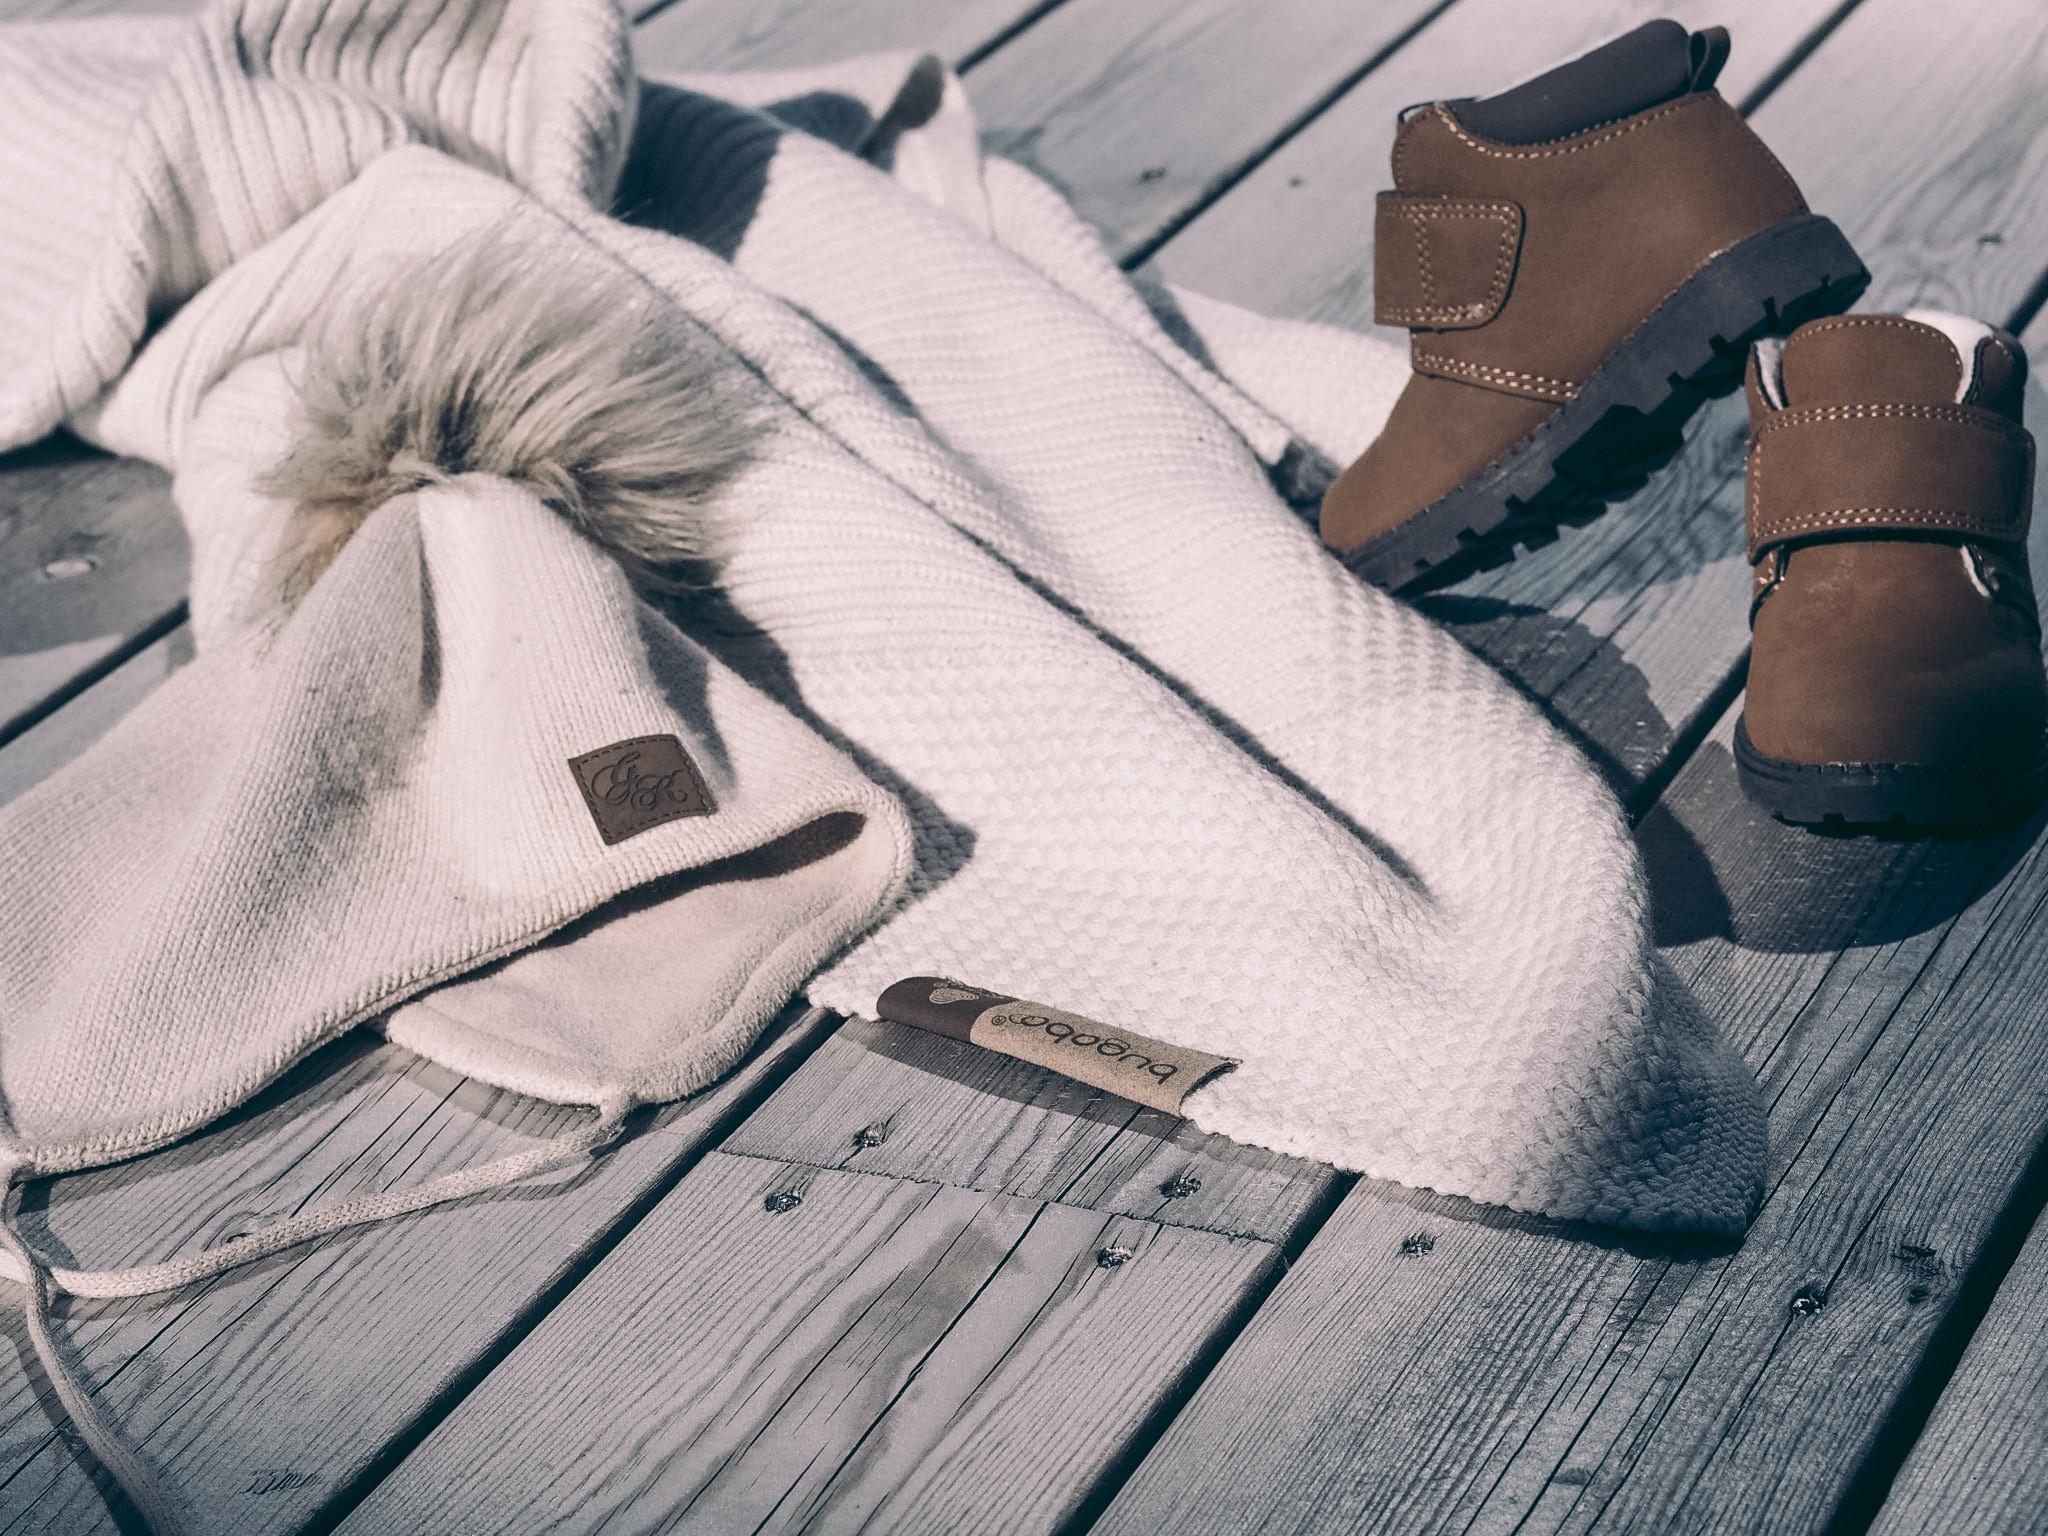 Vognteppe i bambus og ull i beige fra Bugaboo, lue fra Gullkorn design og sko fra HM